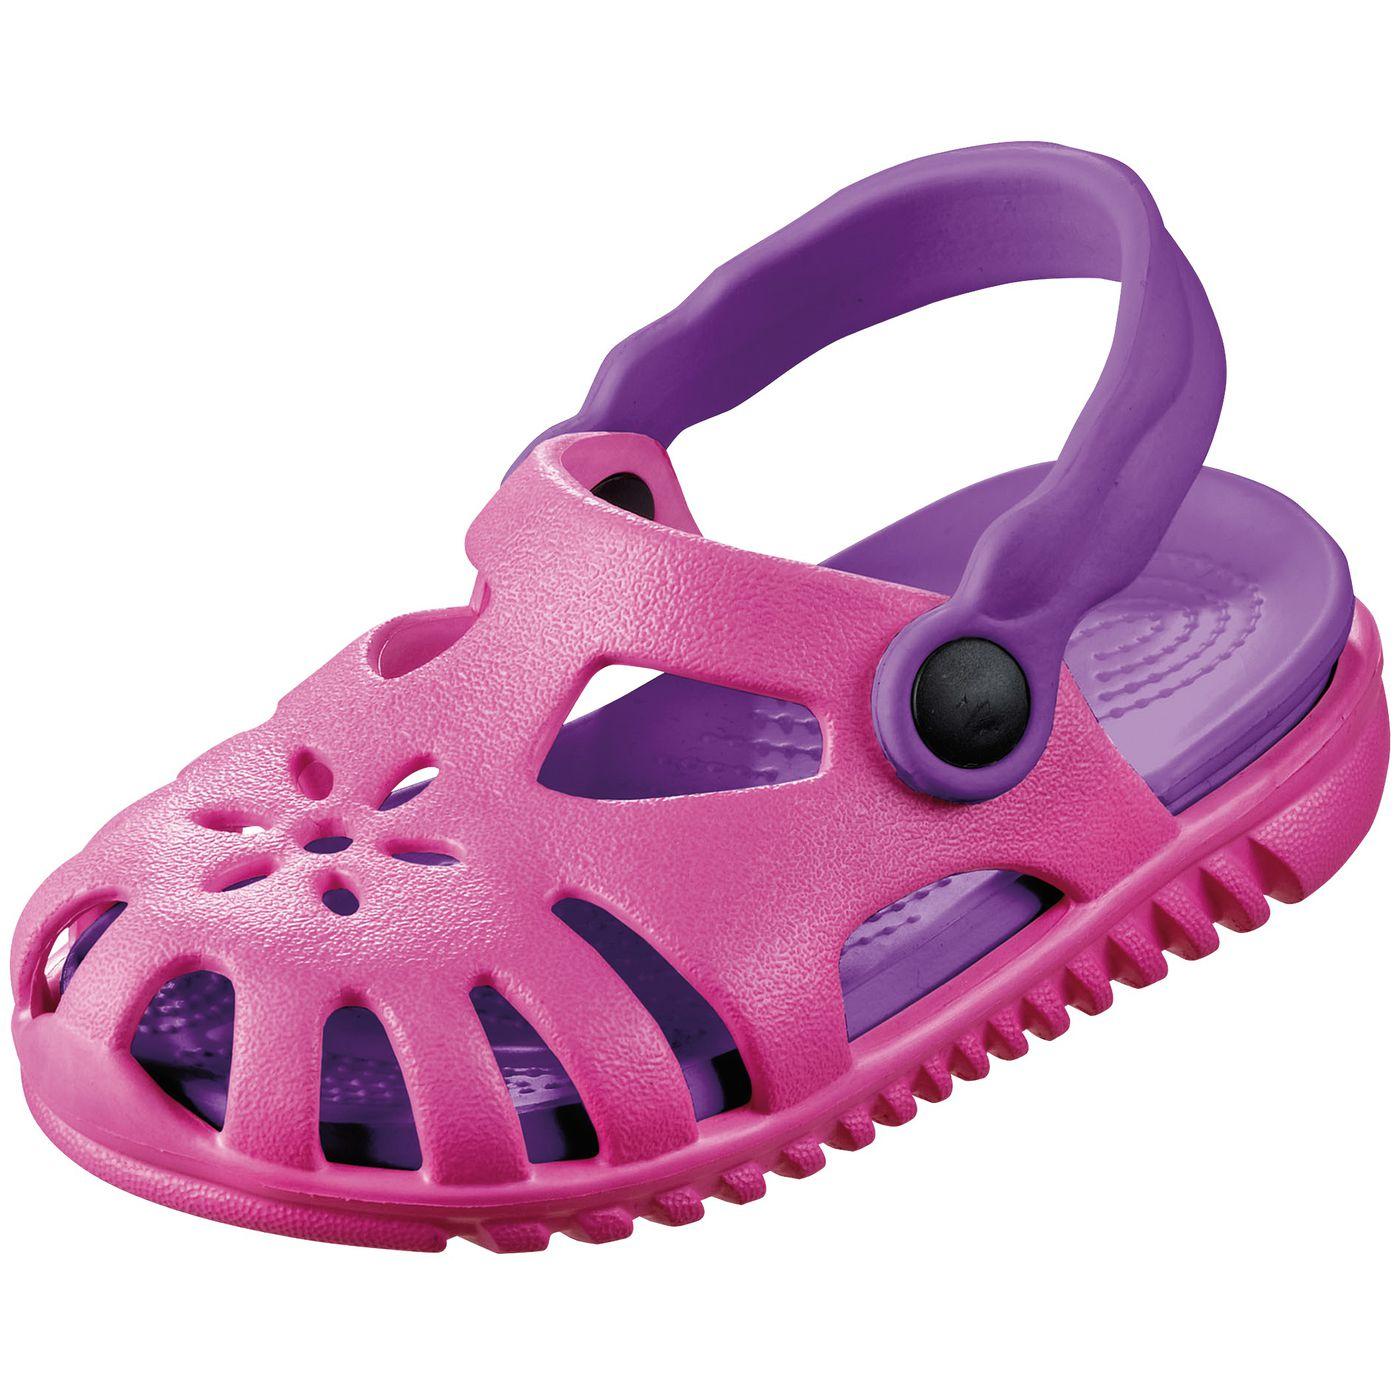 Детские сандалии легко